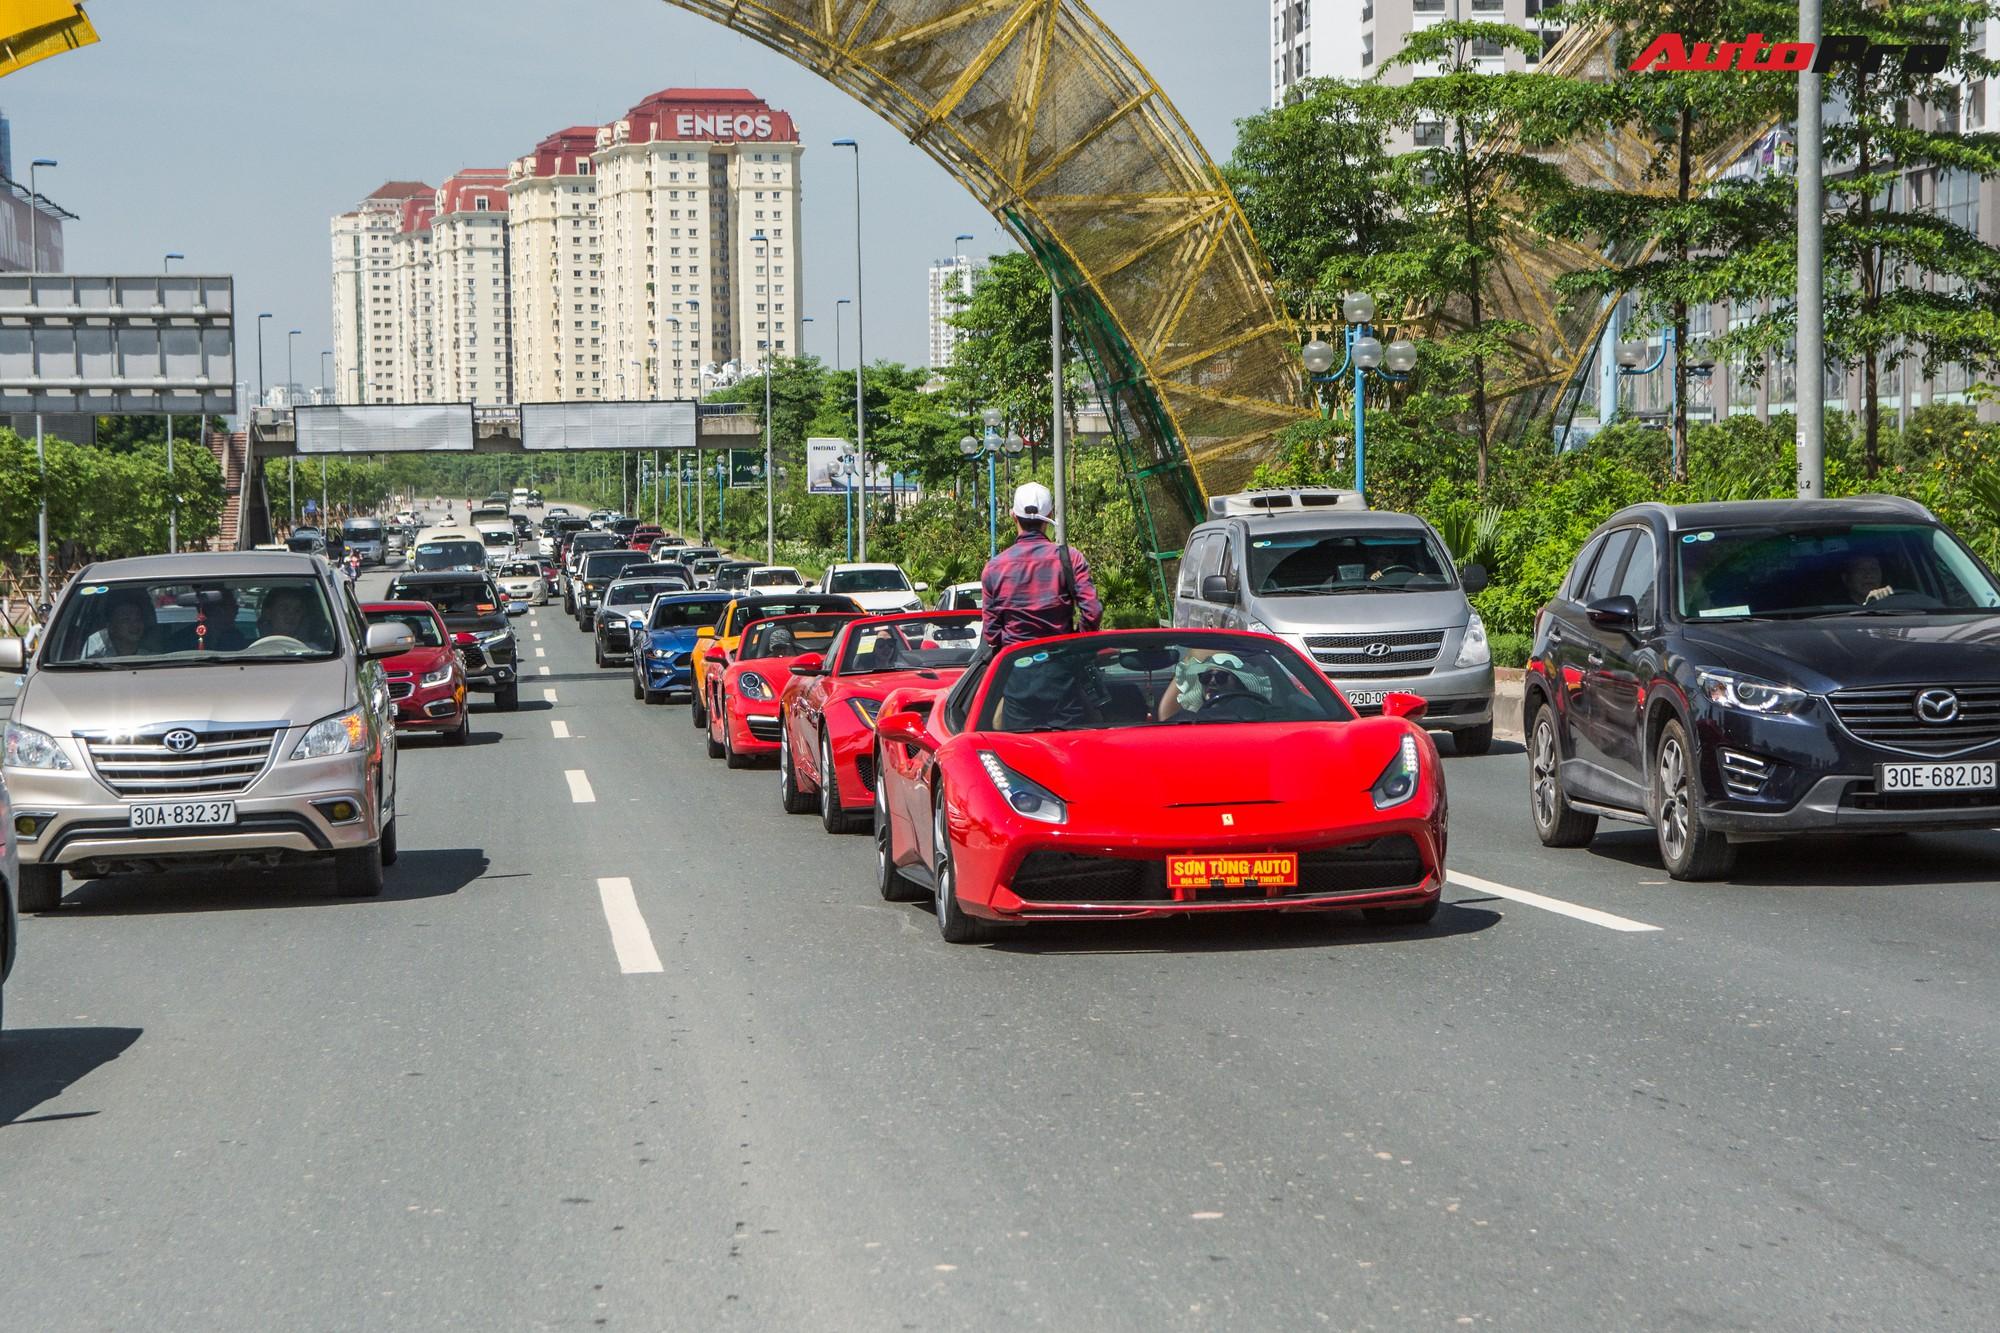 Dàn siêu xe, xe thể thao và xe siêu sang trị giá cả trăm tỷ diễu hành trên phố Hà Nội - Ảnh 3.